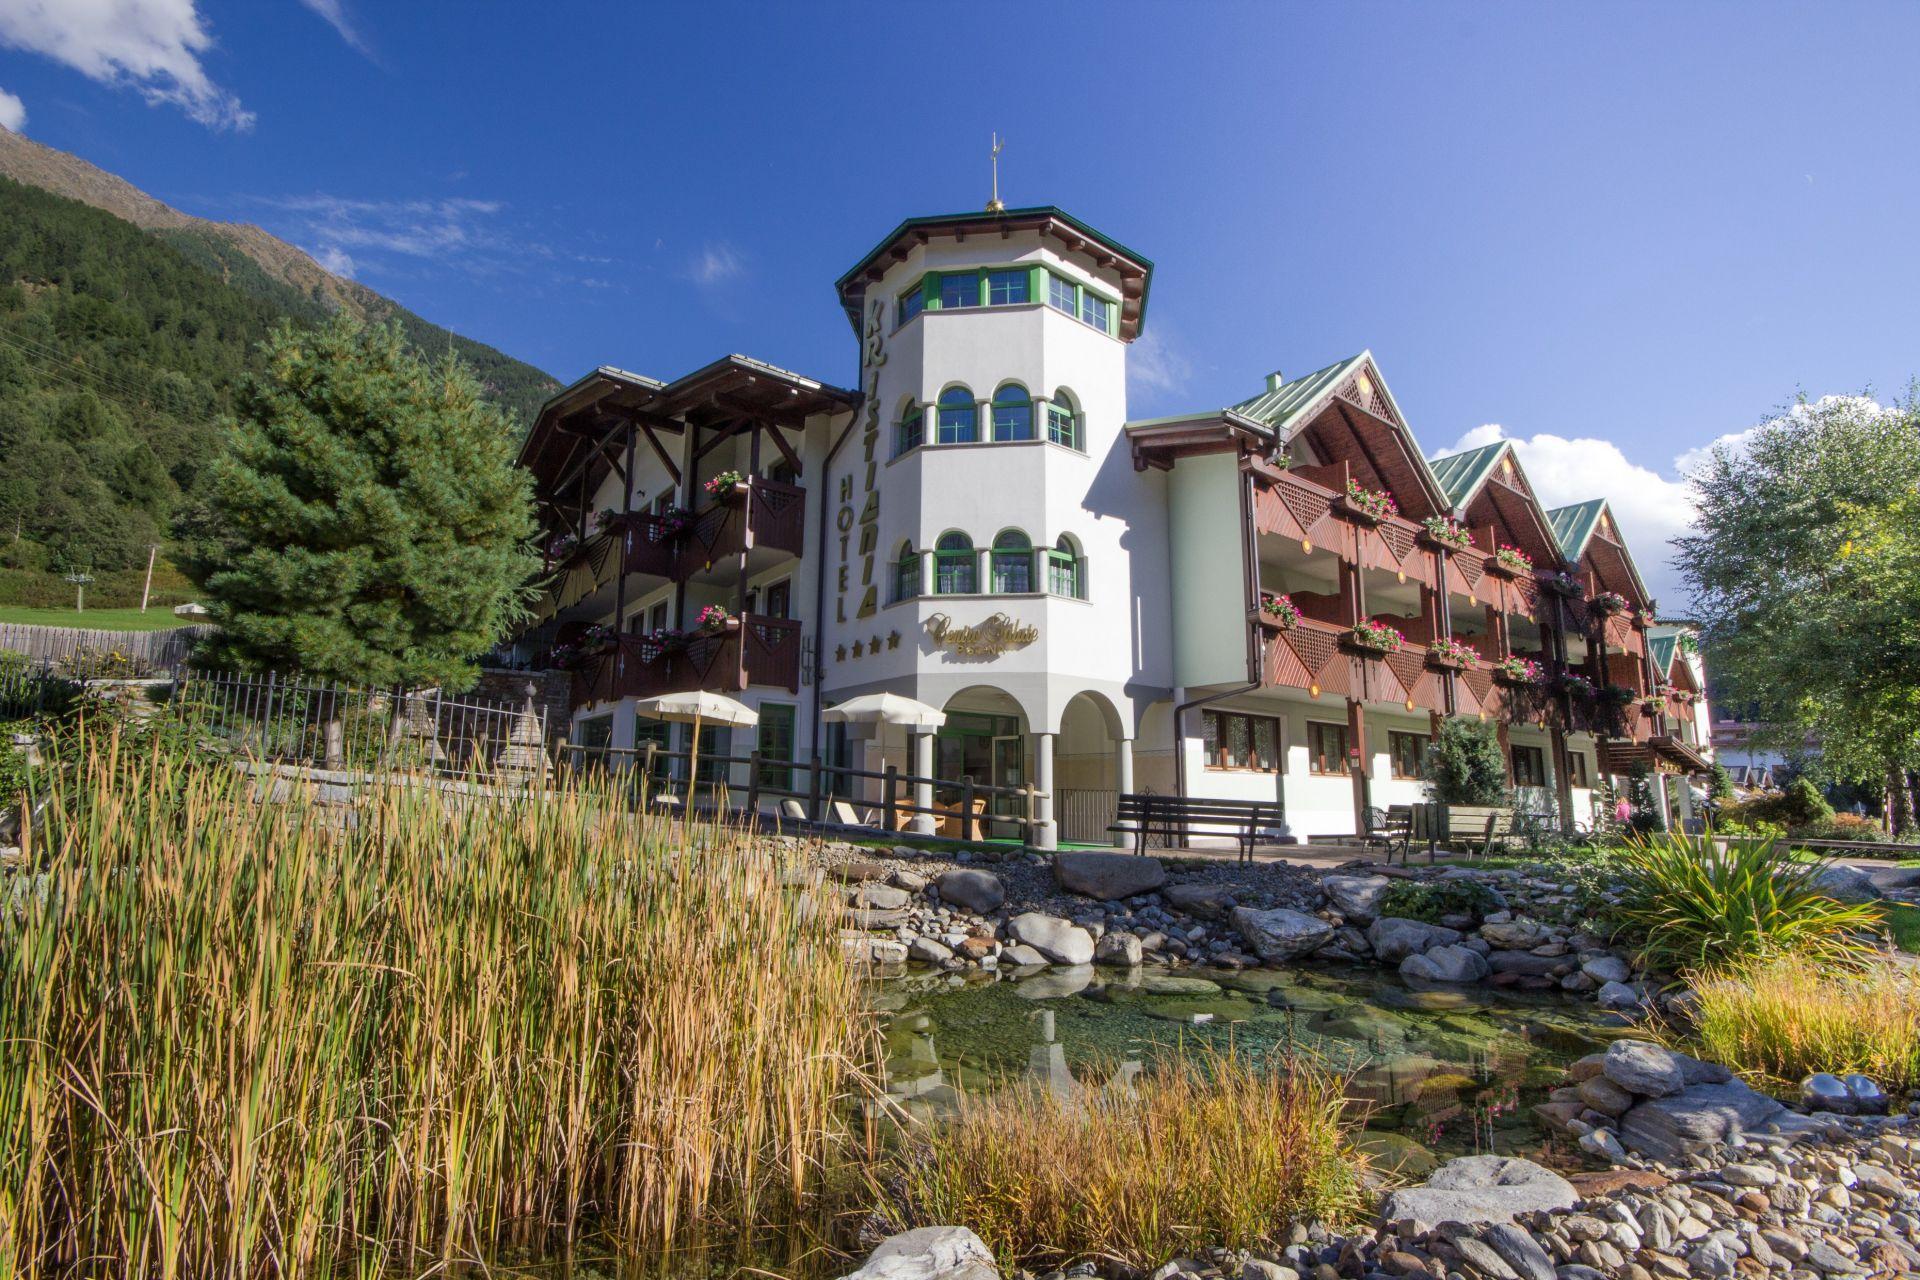 Immagine testata per Hotel Kristiania with Ecolabel in Trentino